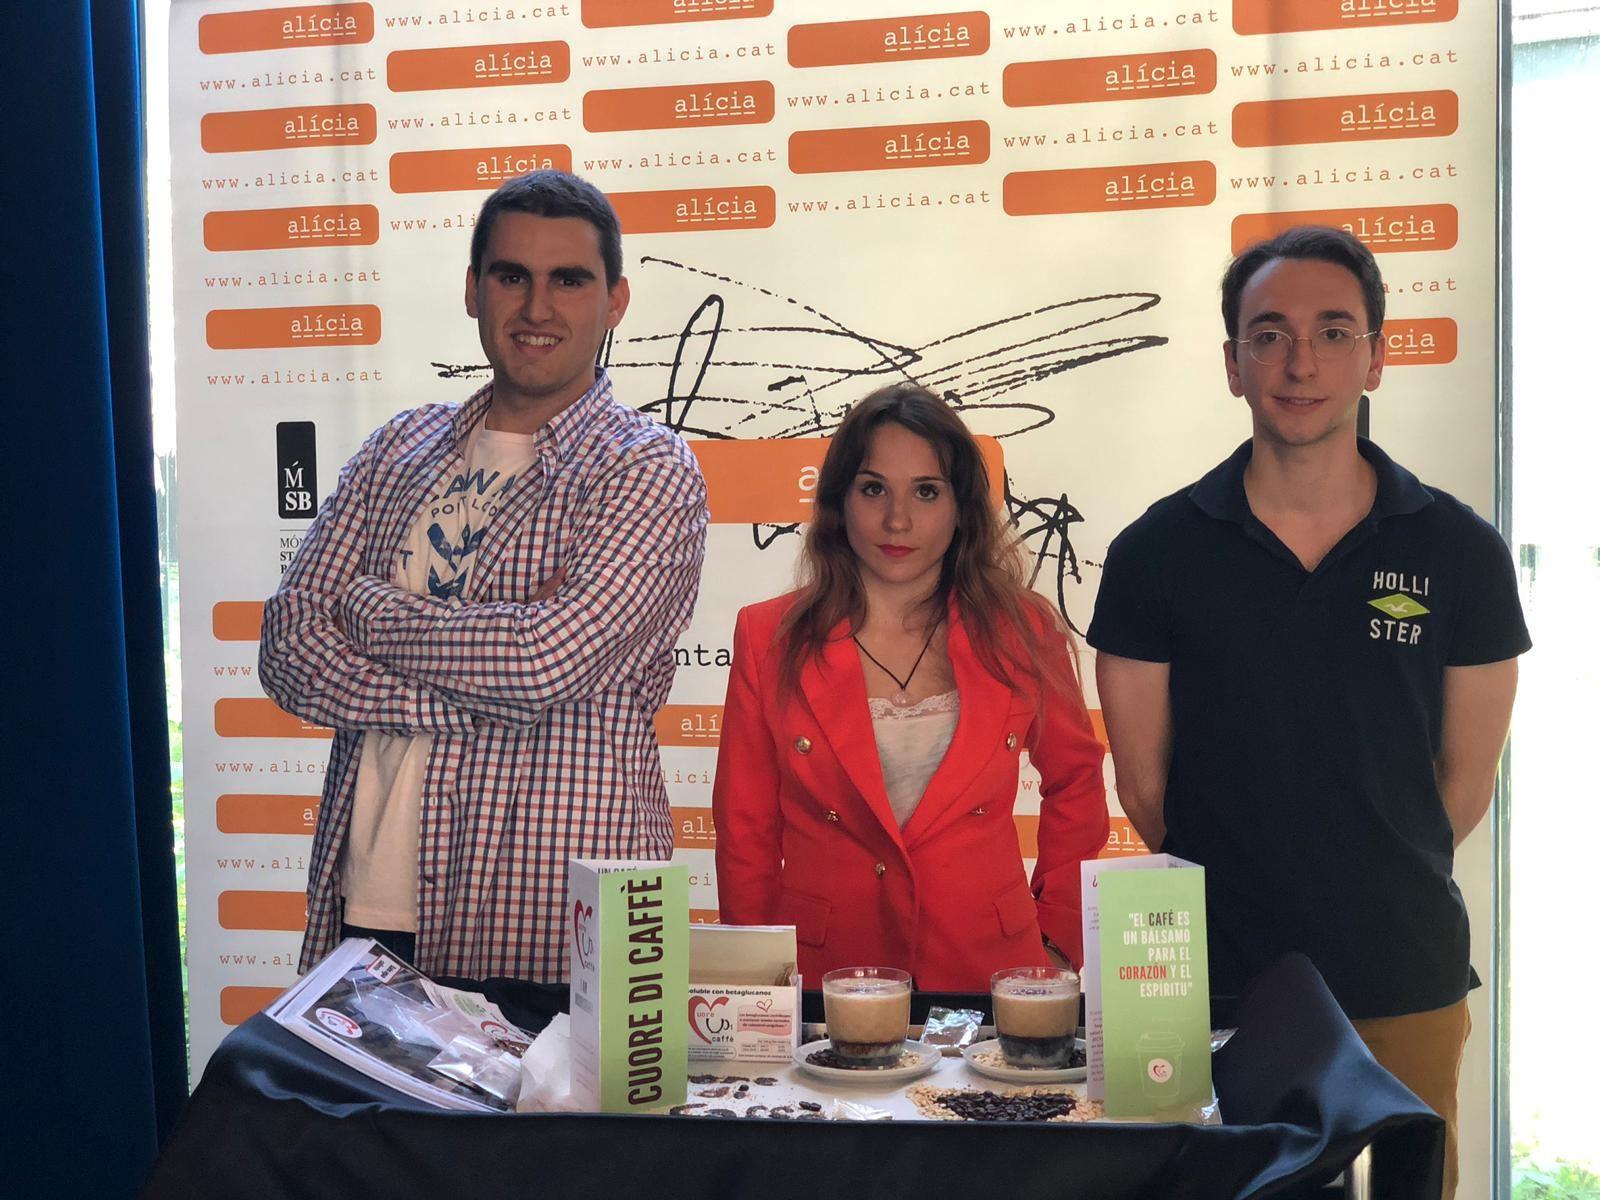 El equipo de la UPNA, formado por Álvaro Maestre (izq.), Irene y Guillermo Albero, posa en la final del concurso Ecotrophelia, celebrada en Barcelona.